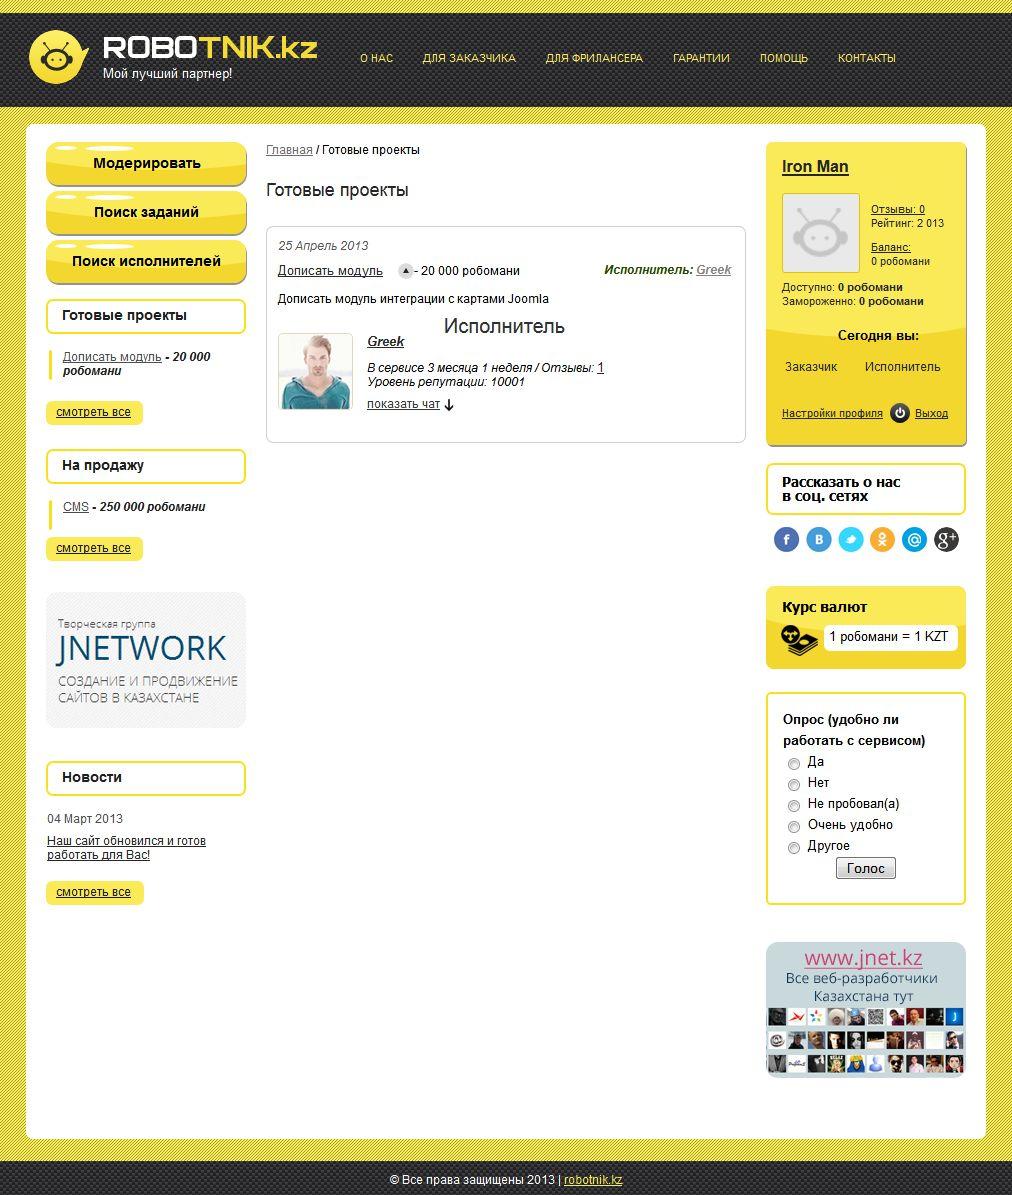 Результат работы компании Jnetwork